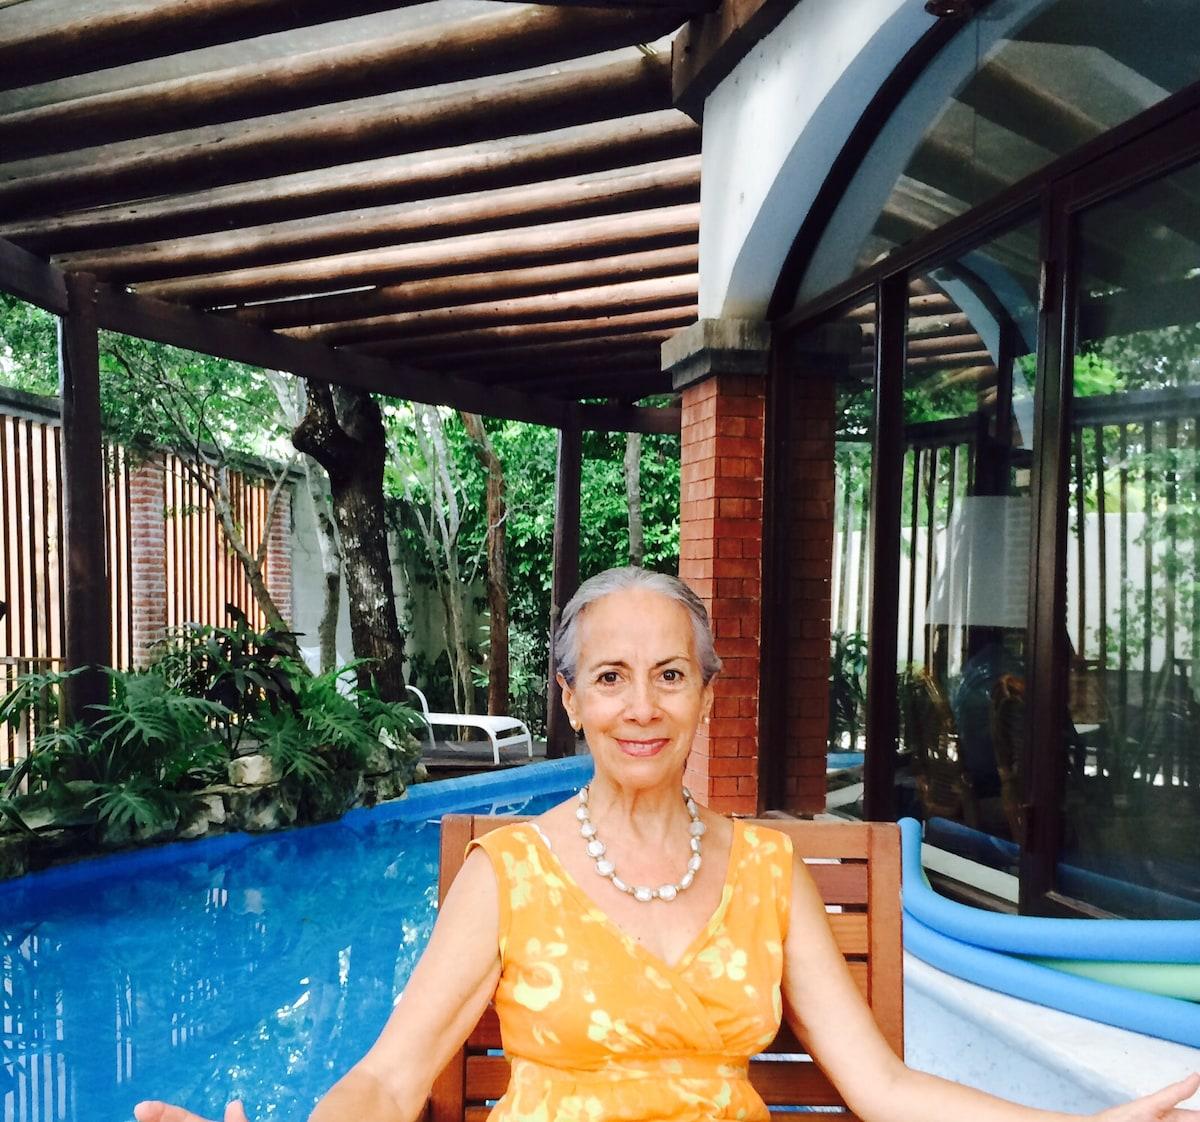 Leticia from Alfredo V. Bonfil